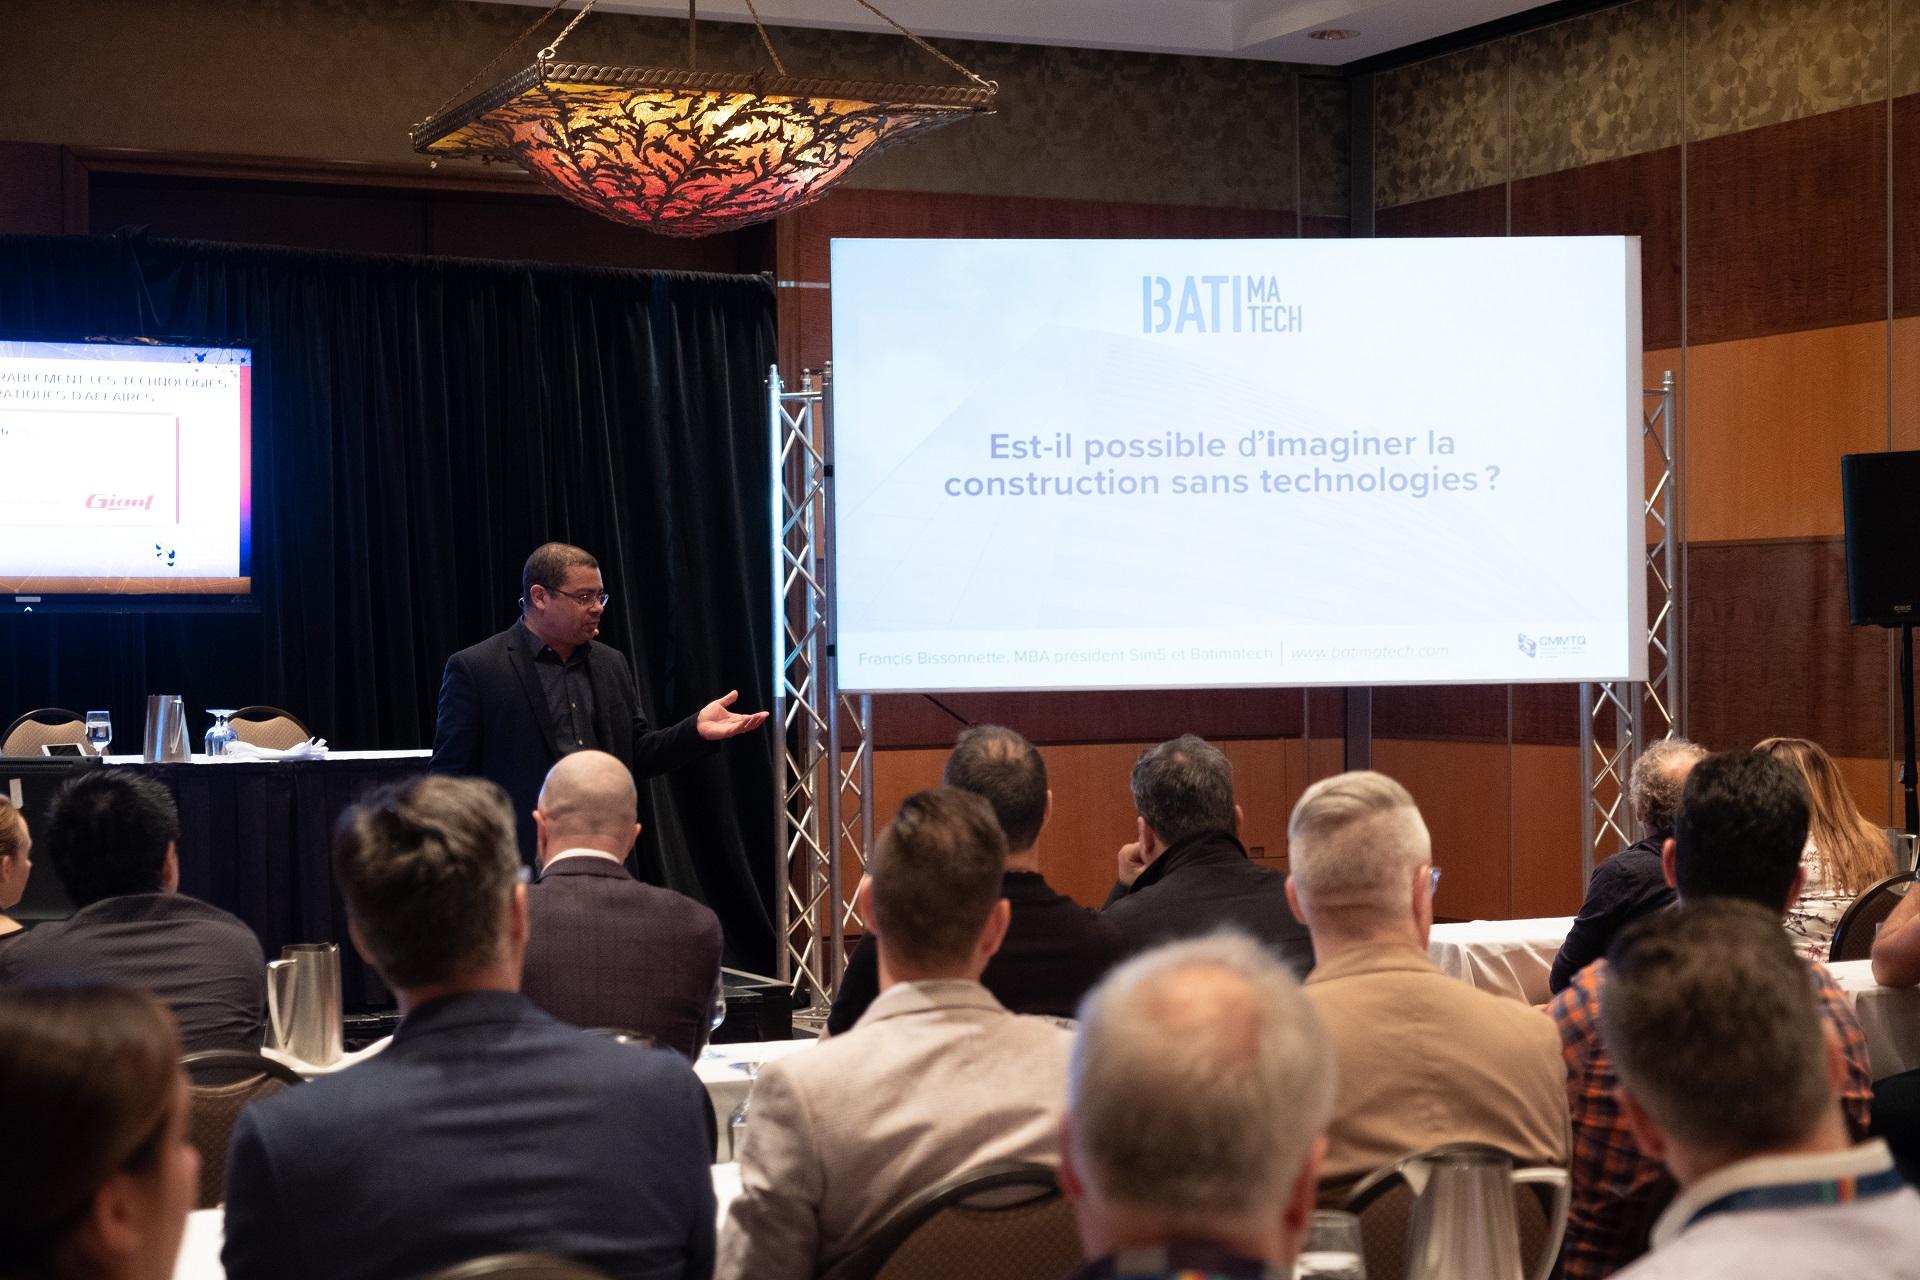 Pancarte - Comment intégrer durablement les technologies dans nos pratiques d'affaires - Francis Bissonnette conférencier invité au Congrès de la CMMTQ - Technologie et construction Batimatech DSCF3950